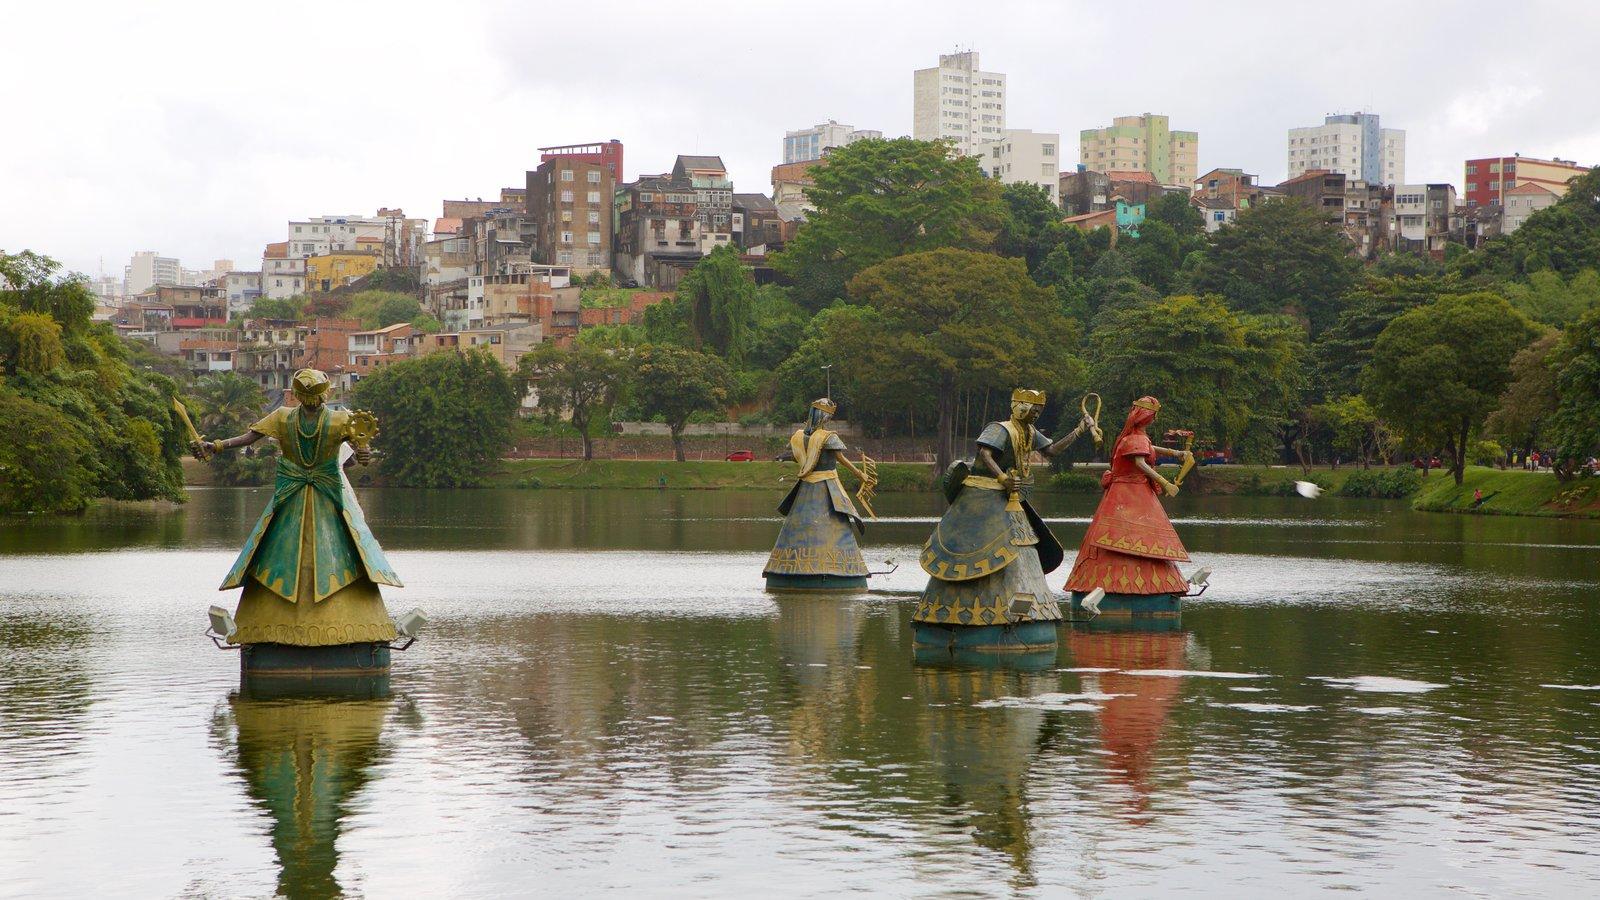 Estádio Fonte Nova caracterizando um parque, uma estátua ou escultura e um lago ou charco